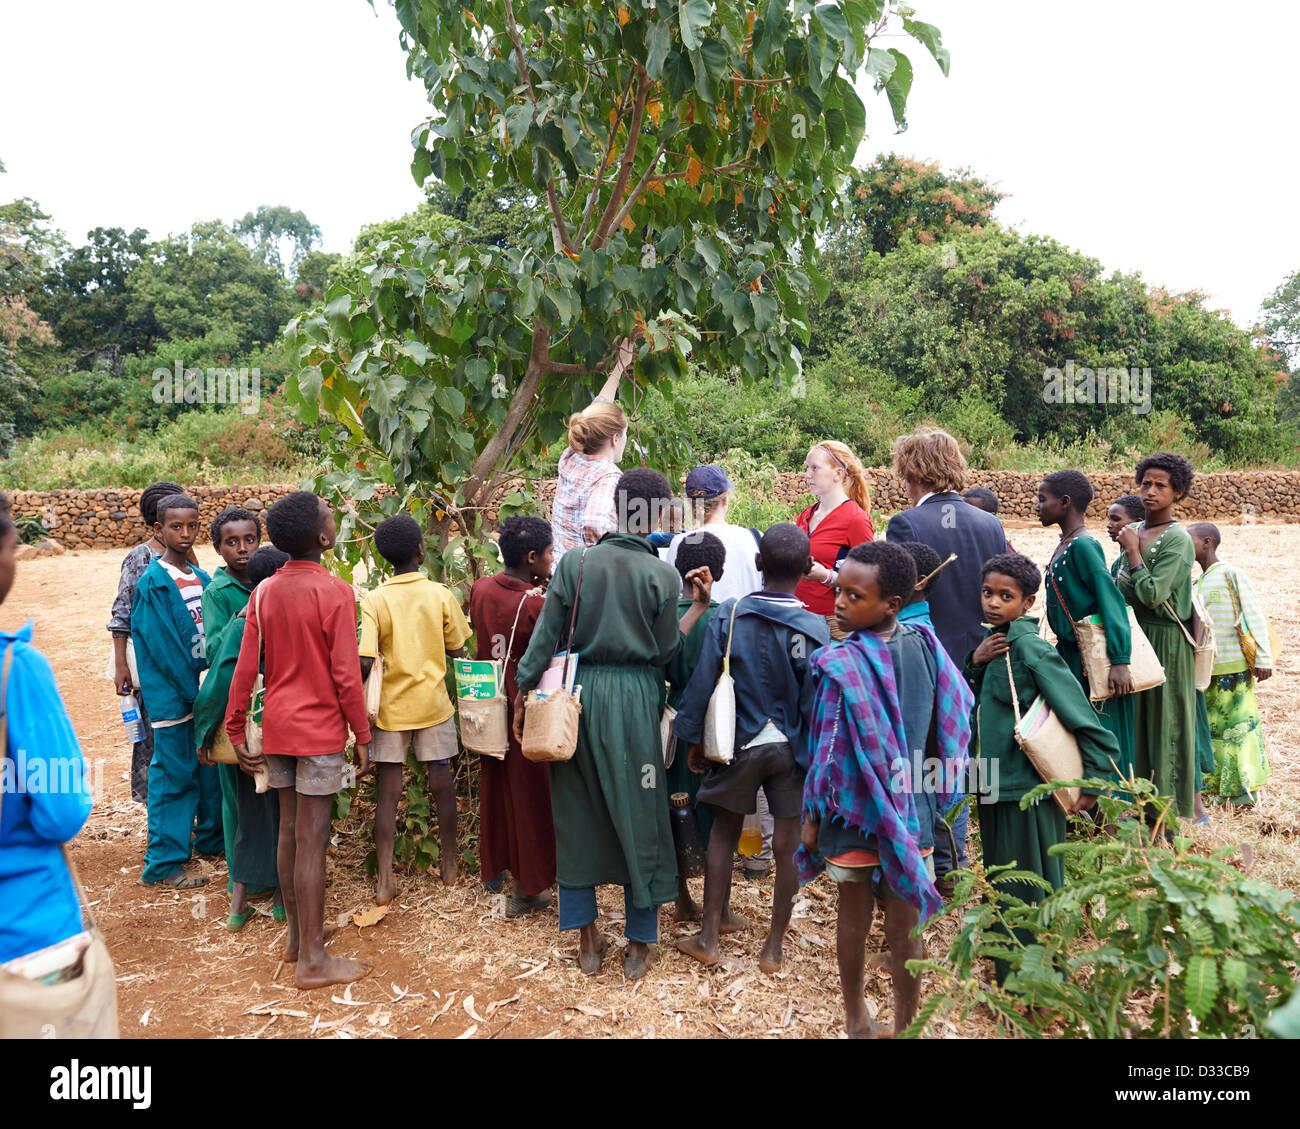 Los niños se reúnen en torno a la investigación de los científicos que estudian los insectos Imagen De Stock